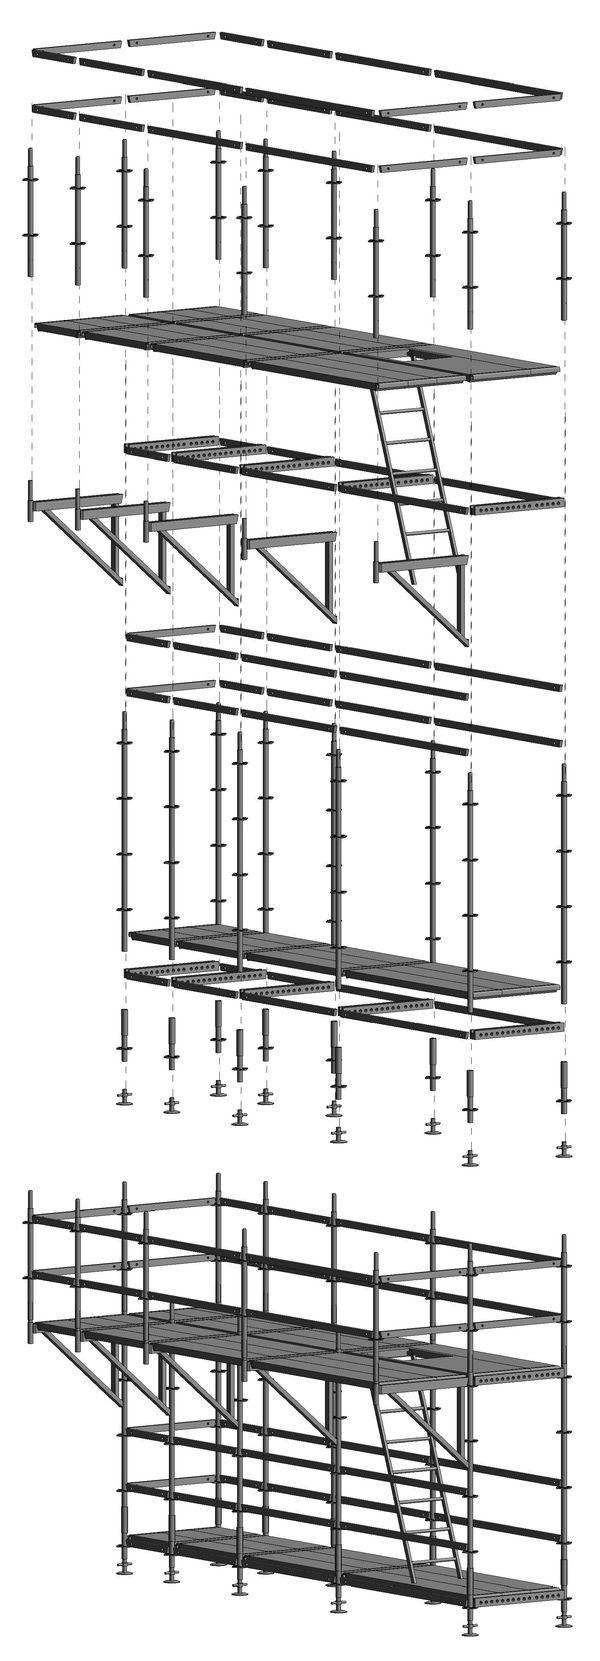 Ogni struttura complessa è realizzata da singoli elementi ognuno dei quali mantiene inalterata la propria identità all'interno della struttura cui appartiene. Questi elementi possono essere usati singolarmente per garantire la massima flessibilità compositiva oppure pre-assemblati per automatizzare alcune operazioni ricorrenti e consentire tempistiche di modellazione più rapide. Esempio di ponteggio multi-direzionale.